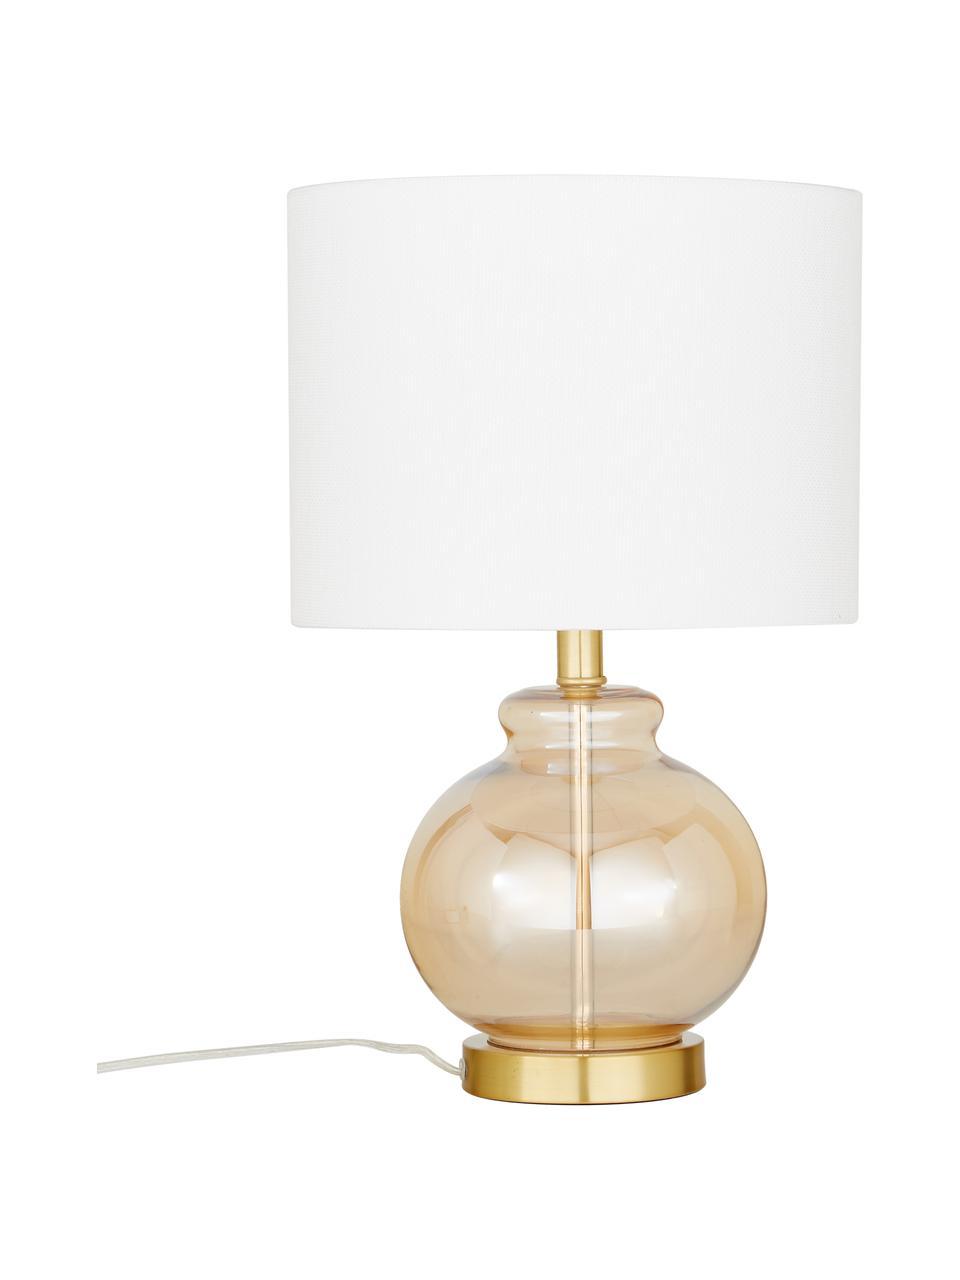 Lampada da tavolo con base in vetro Natty, Paralume: tessuto, Base della lampada: vetro, Bianco, ambra, trasparente, Ø 31 x Alt. 48 cm